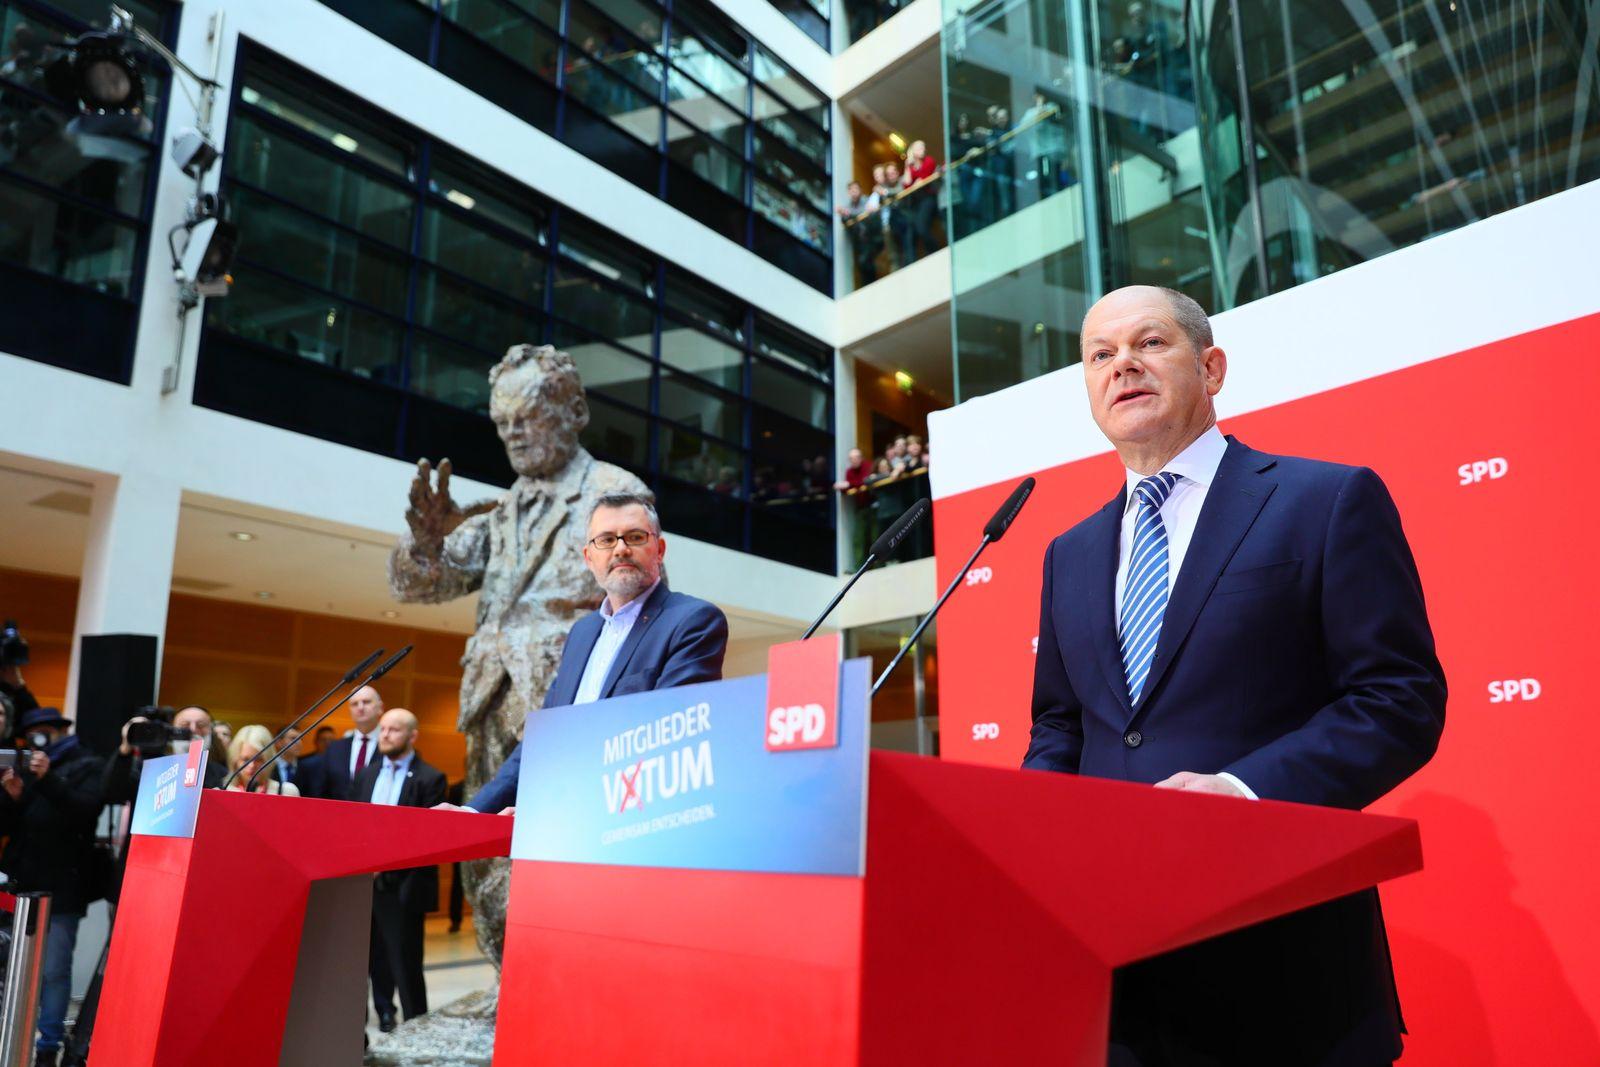 Ergebnis des SPD-Mitgliedervotums